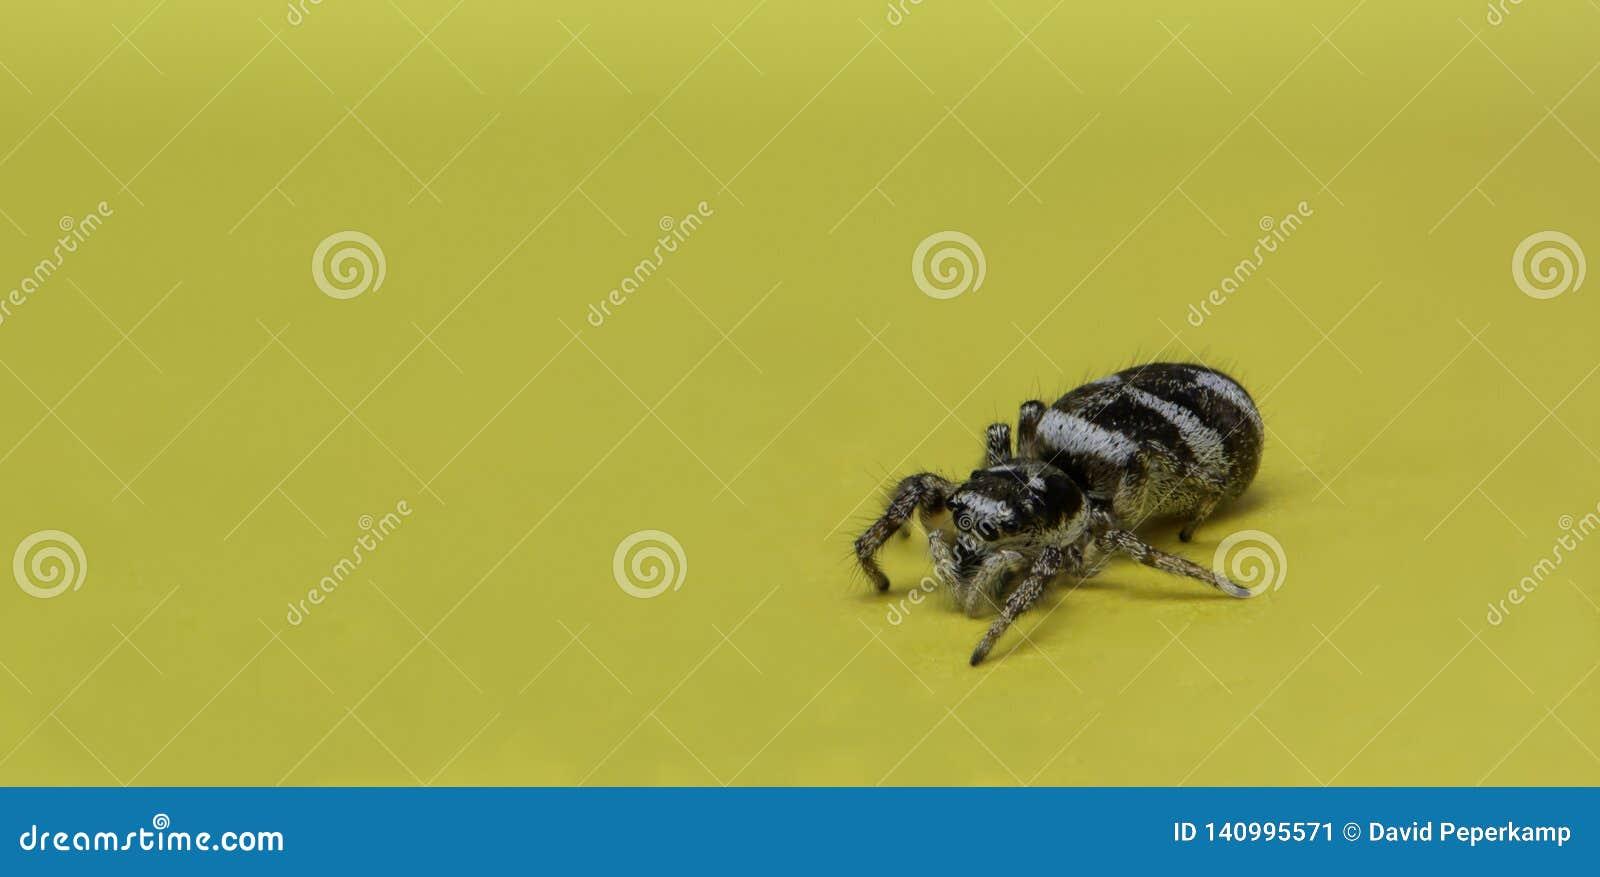 Άλμα της αράχνης σε μια κίτρινη σημείωση υπομνημάτων, μακρο φωτογραφία